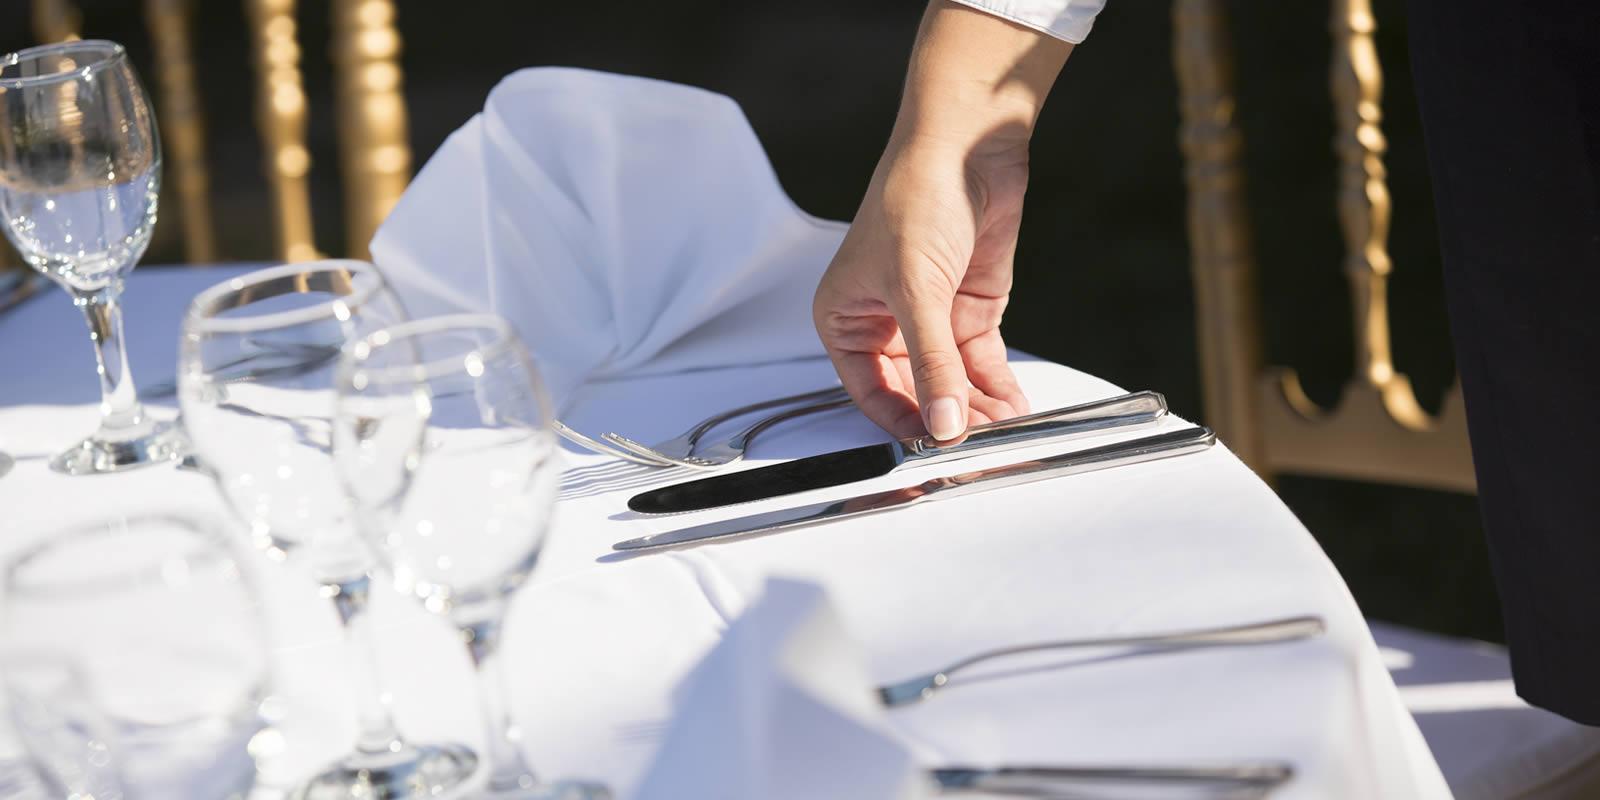 Tisch richtig decken lernen